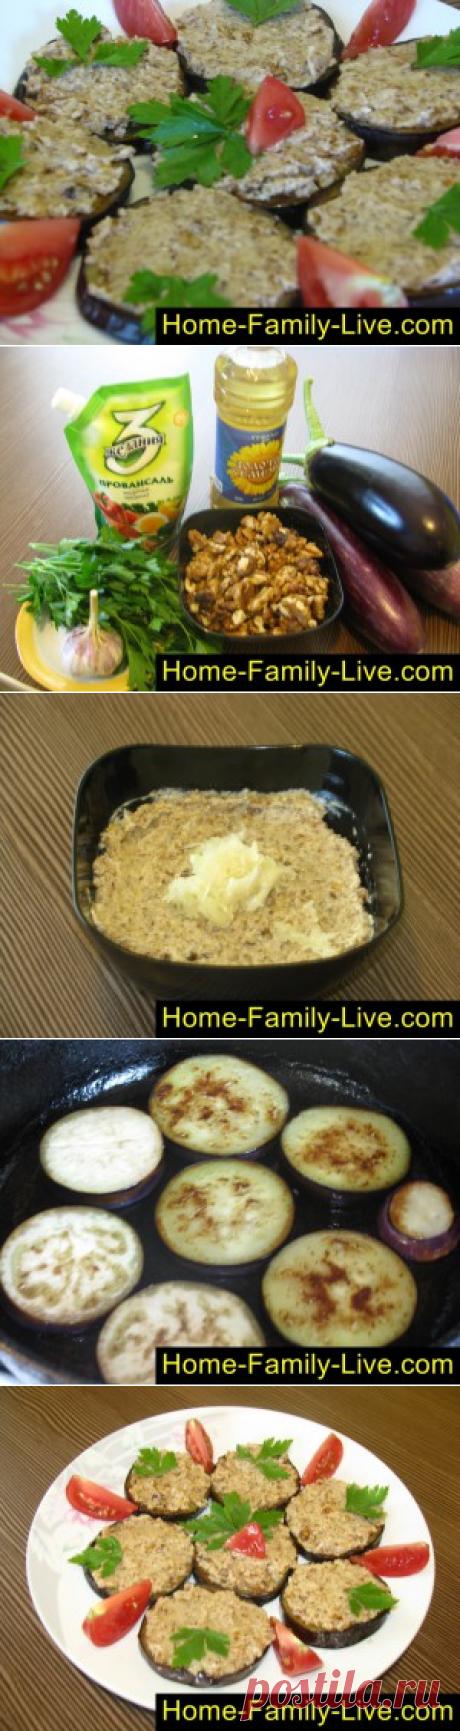 Баклажаны с грецкими орехами - пошаговый фоторецепт - закуска из баклаКулинарные рецепты